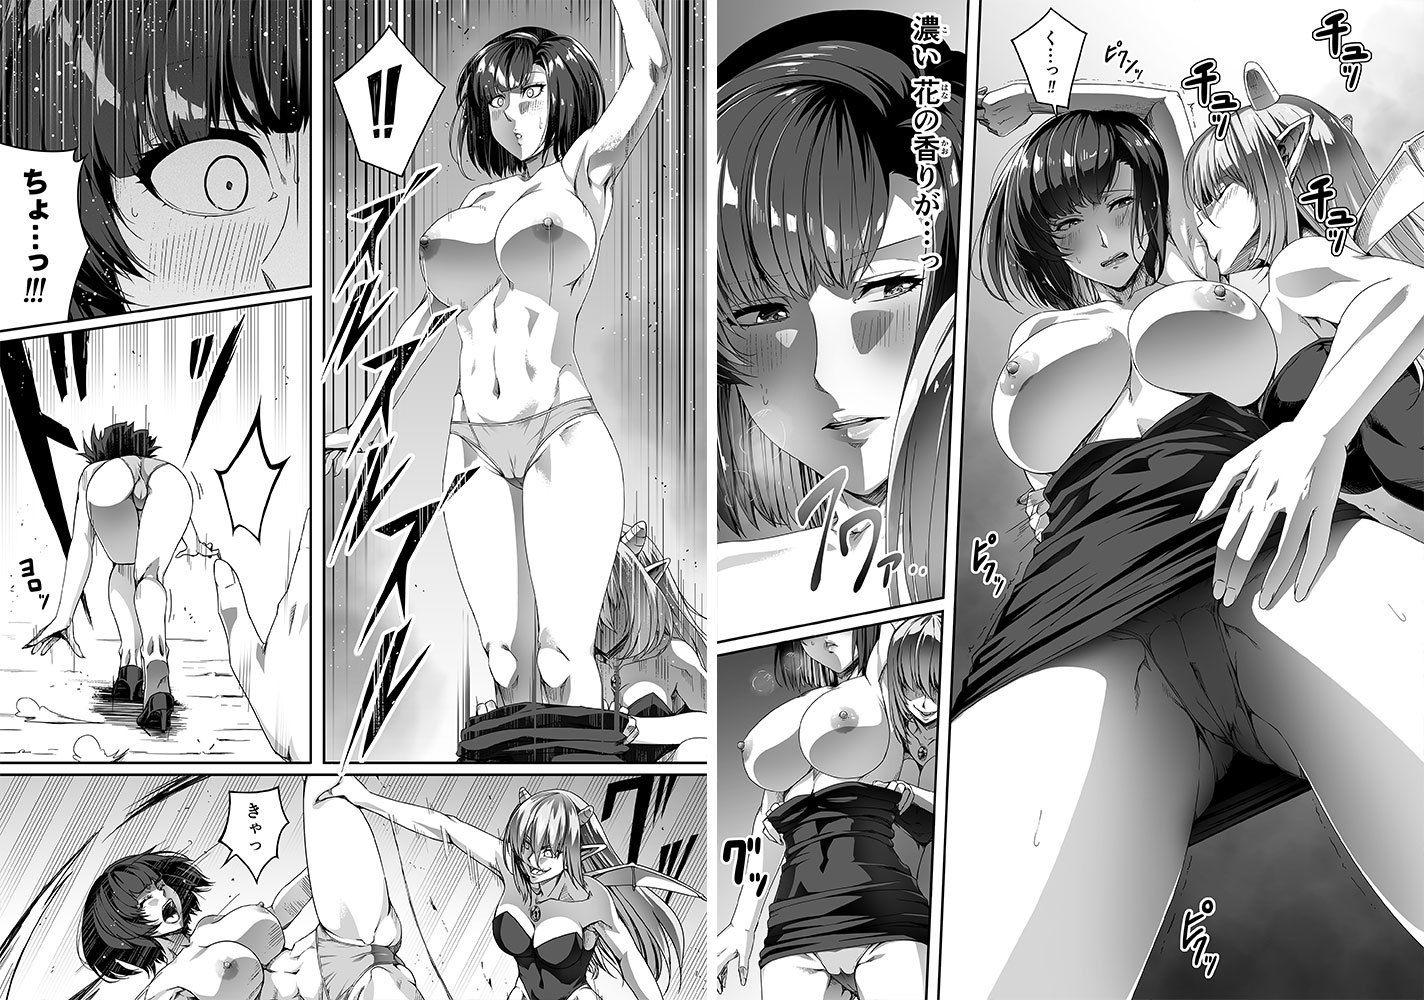 力あるサキュバスは性欲を満たしたいだけ 1【同人エロ漫画】(Road=ロード=)7